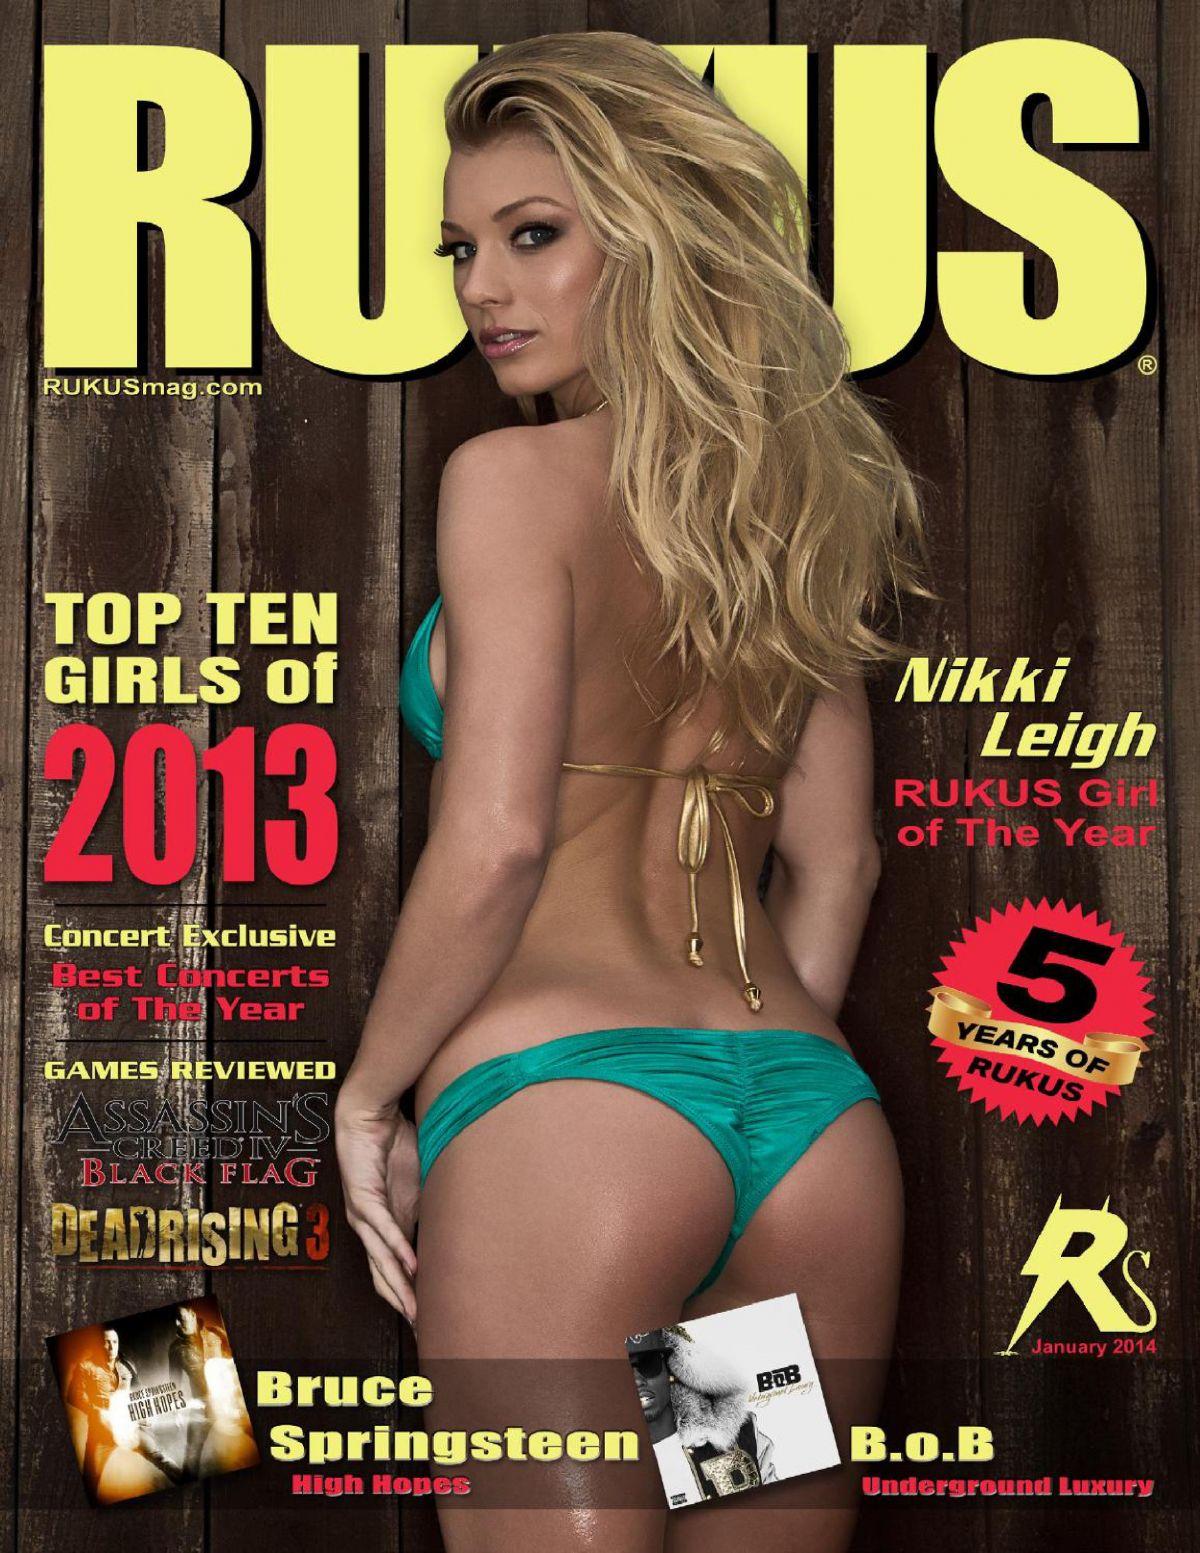 NIKKI LEIGH in Rukus Magazine, January 2014 Issue